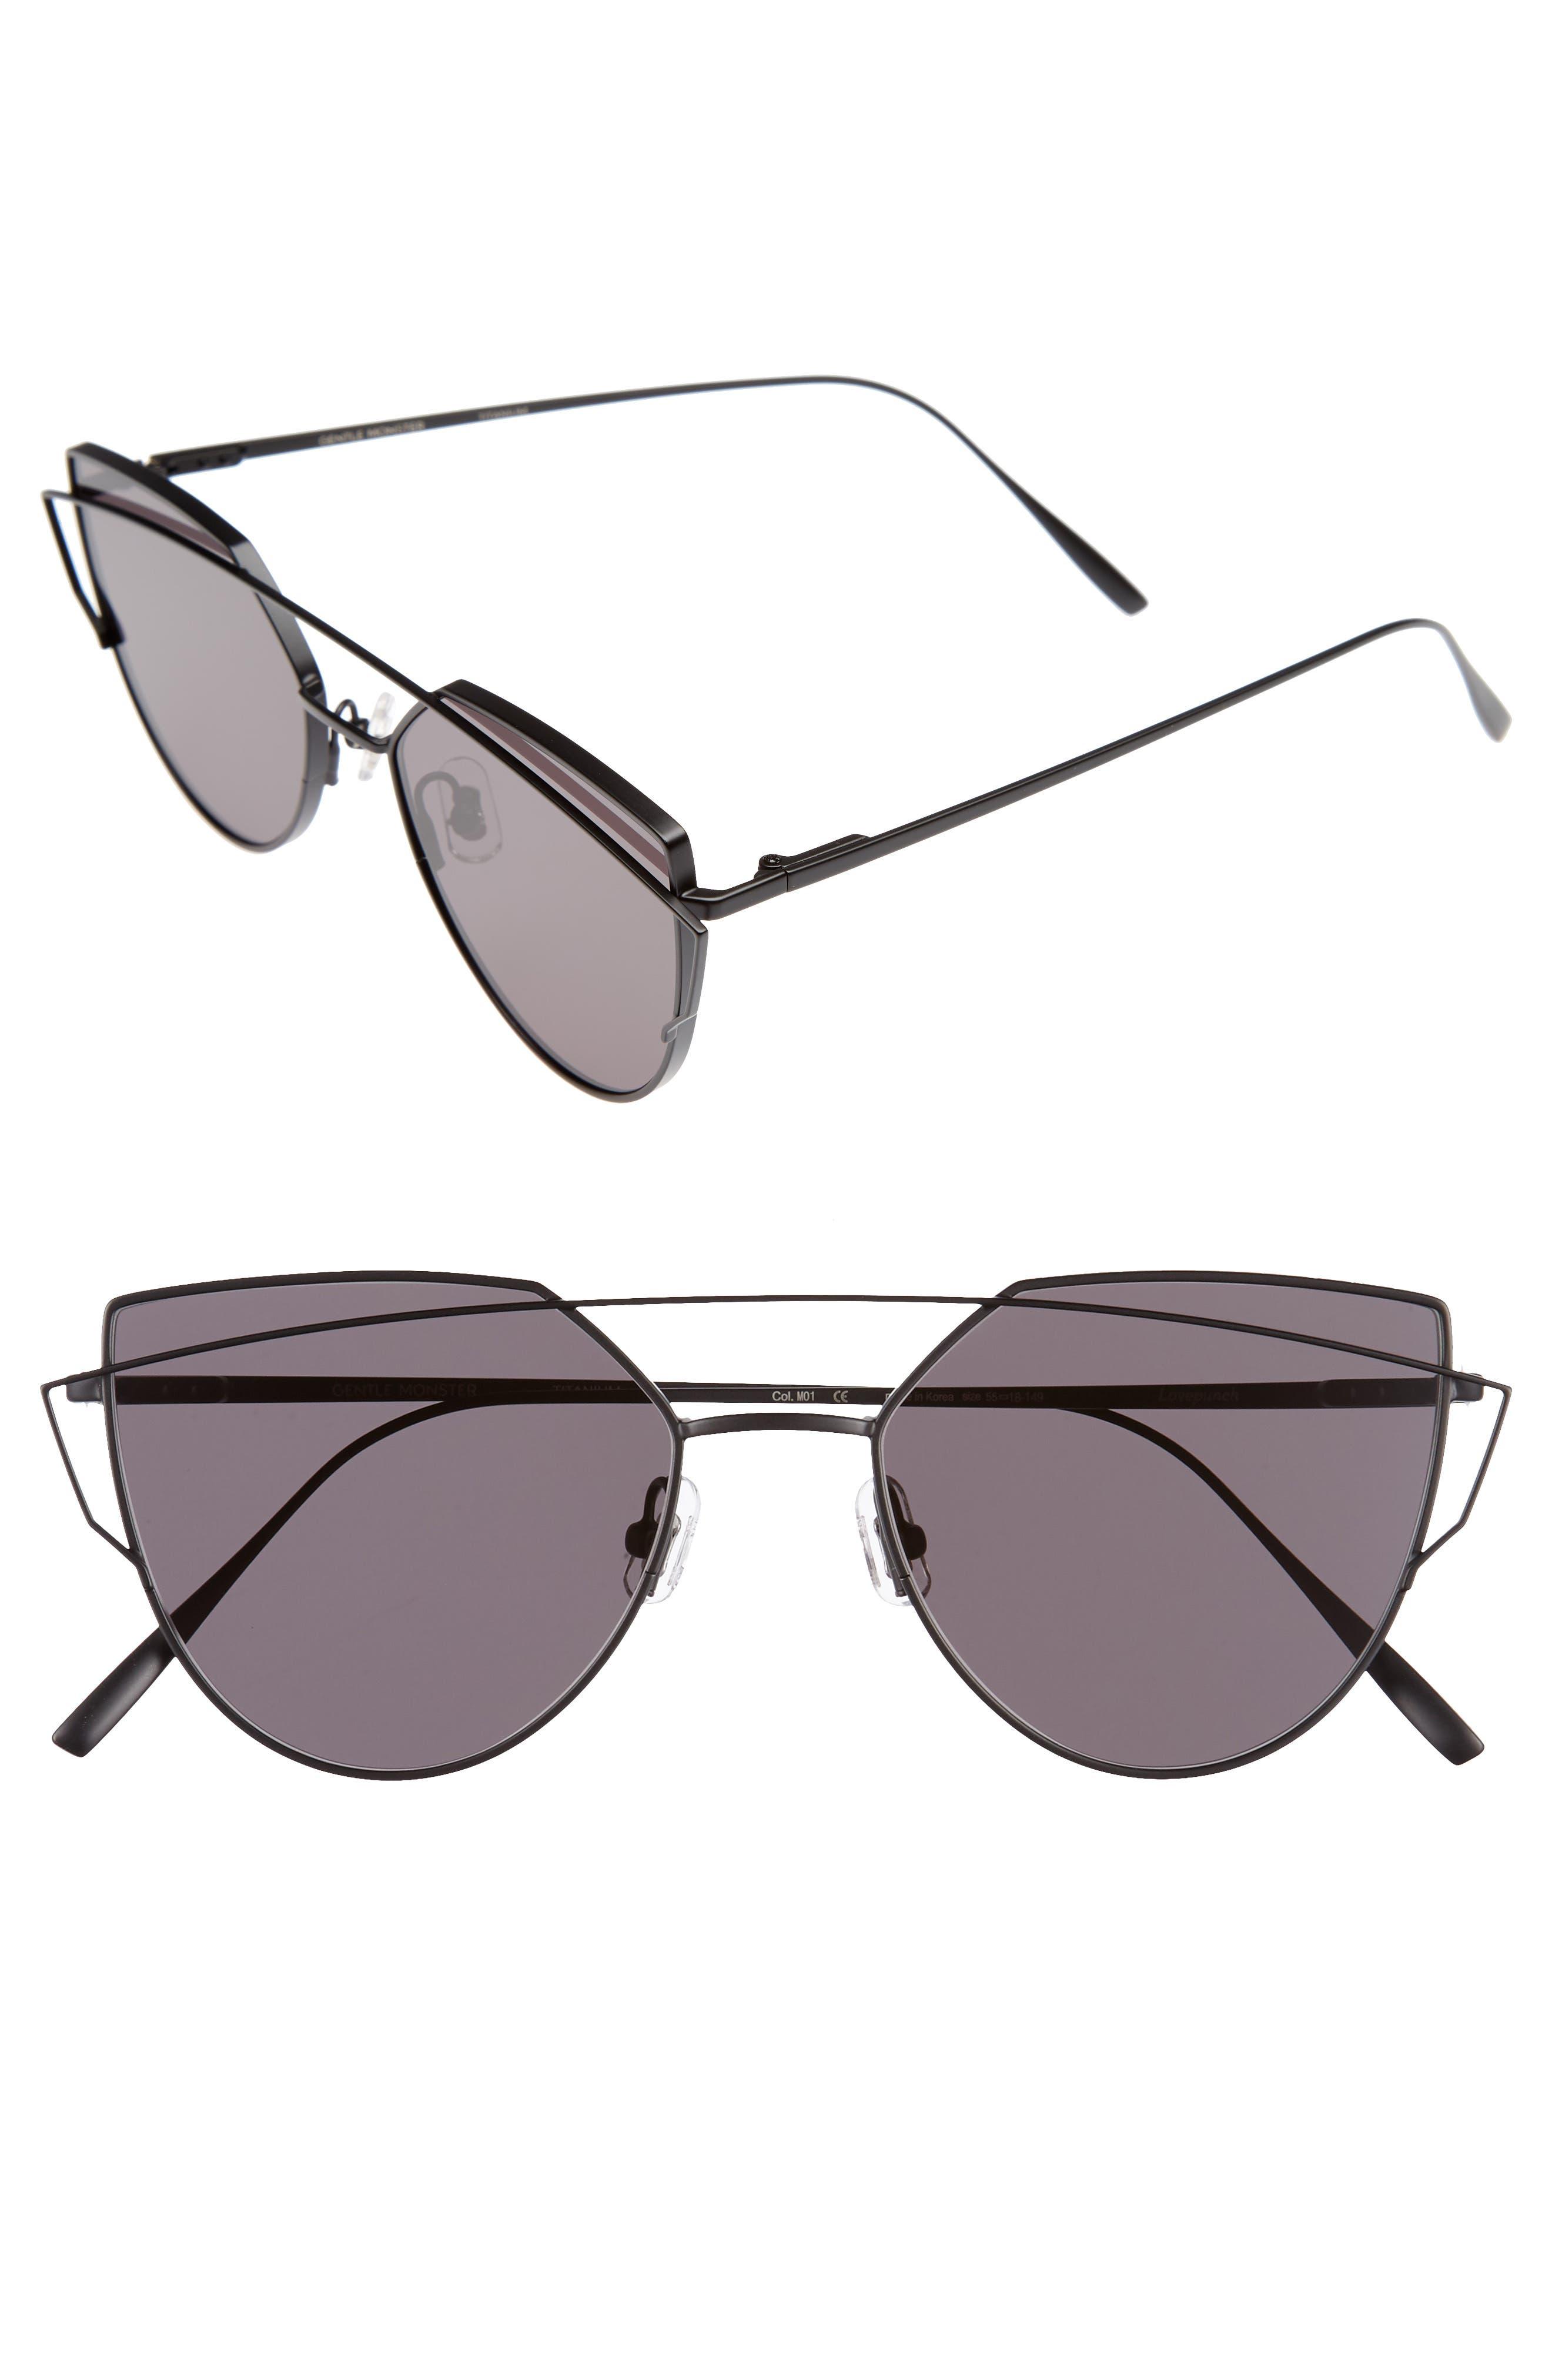 3bbfe925af37 GENTLE MONSTER Love Punch 55Mm Titanium Aviator Sunglasses - Matte Black